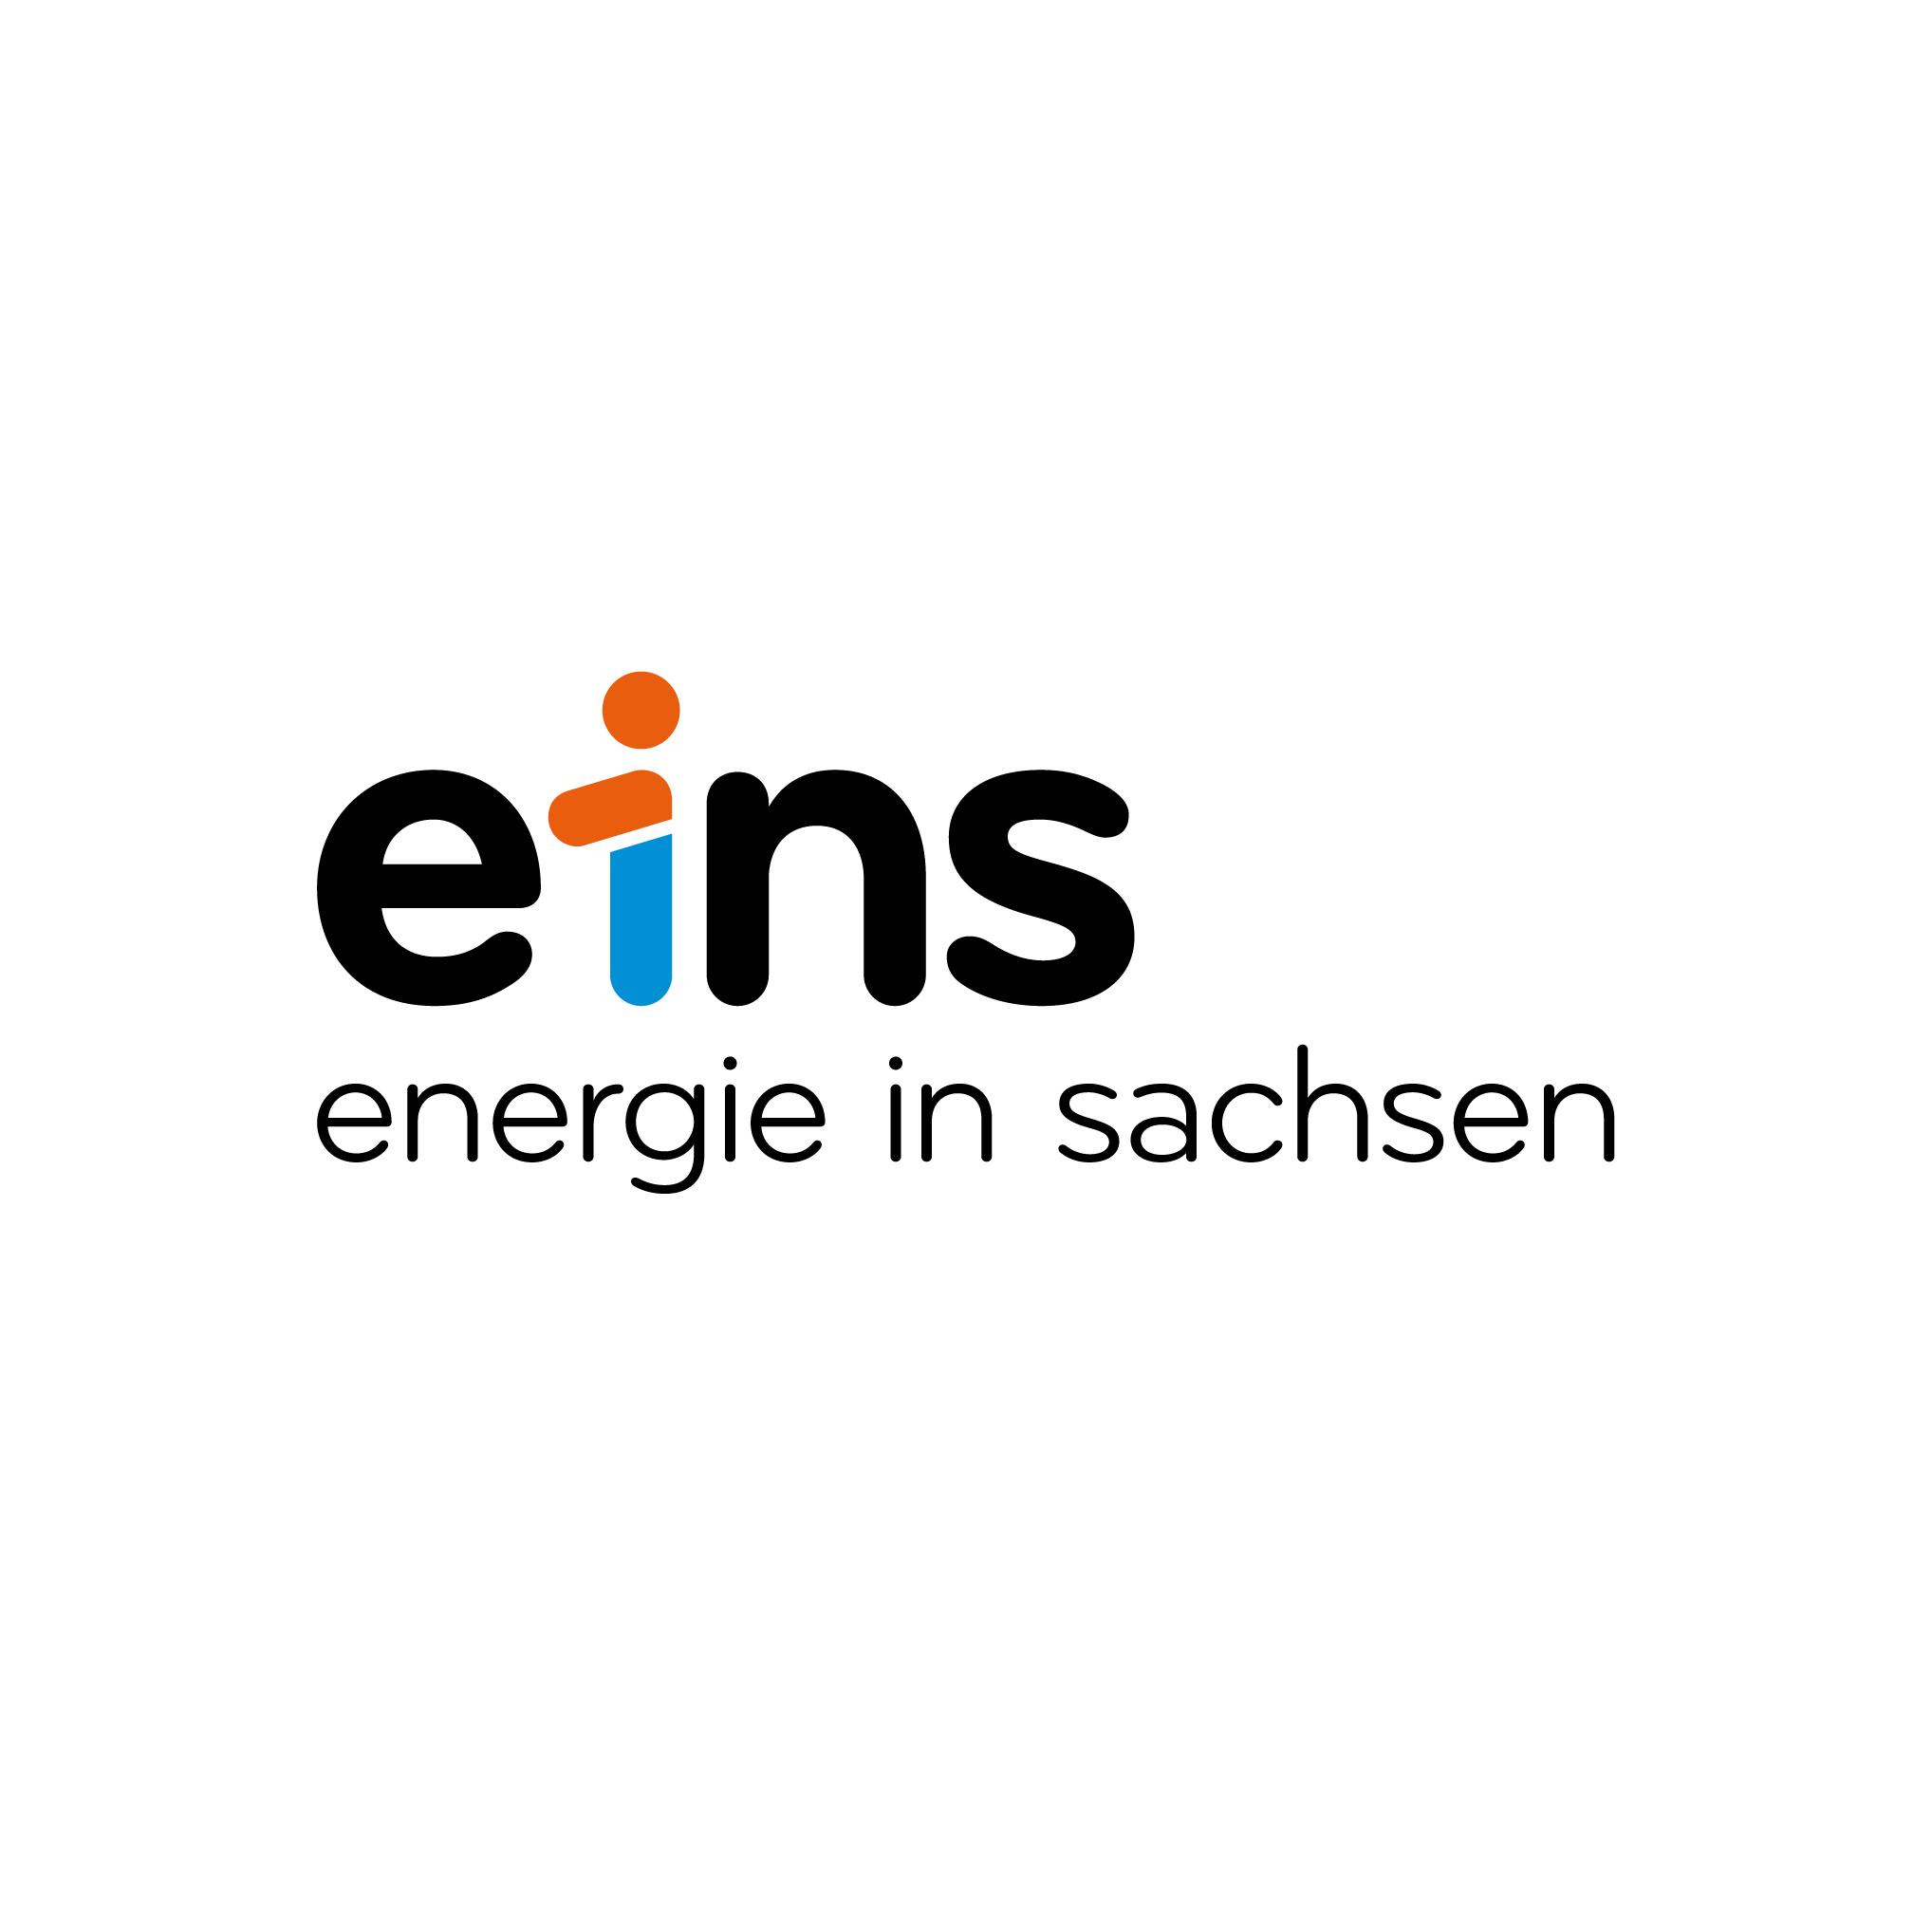 Partnerlogo eins energie in sachsen GmbH & Co. KG